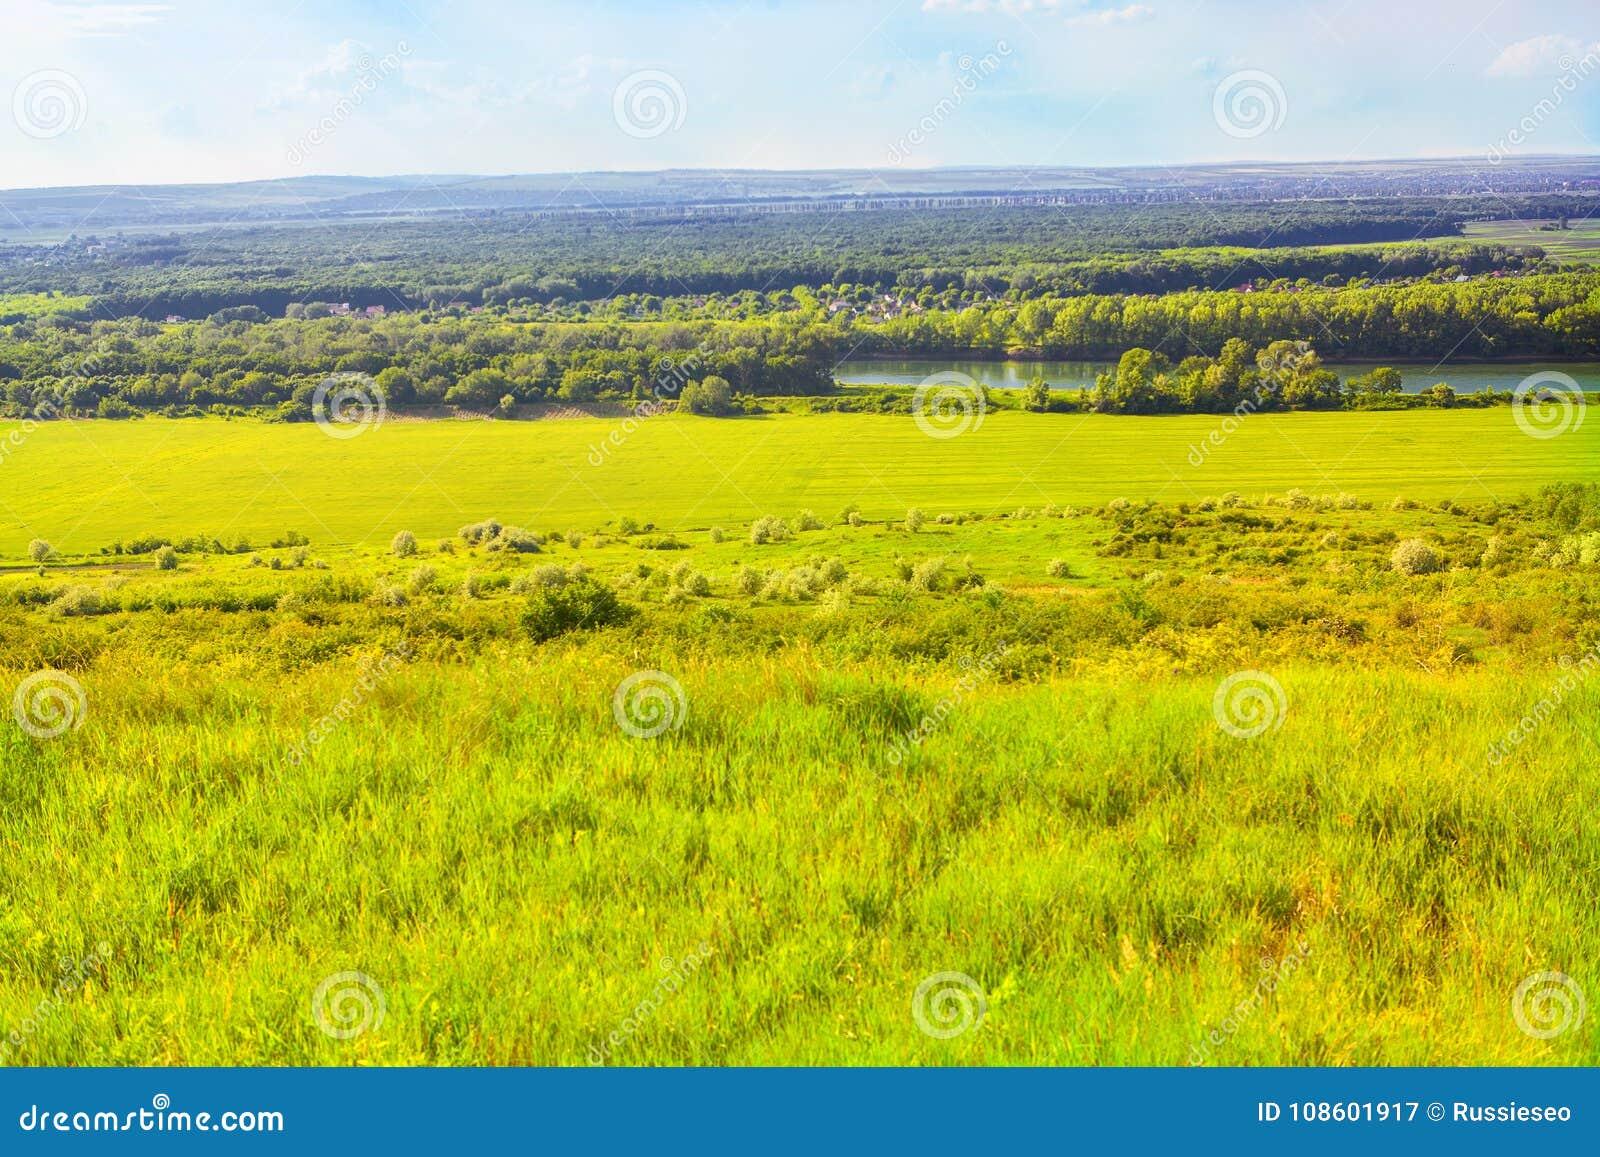 Sunny Summer Field